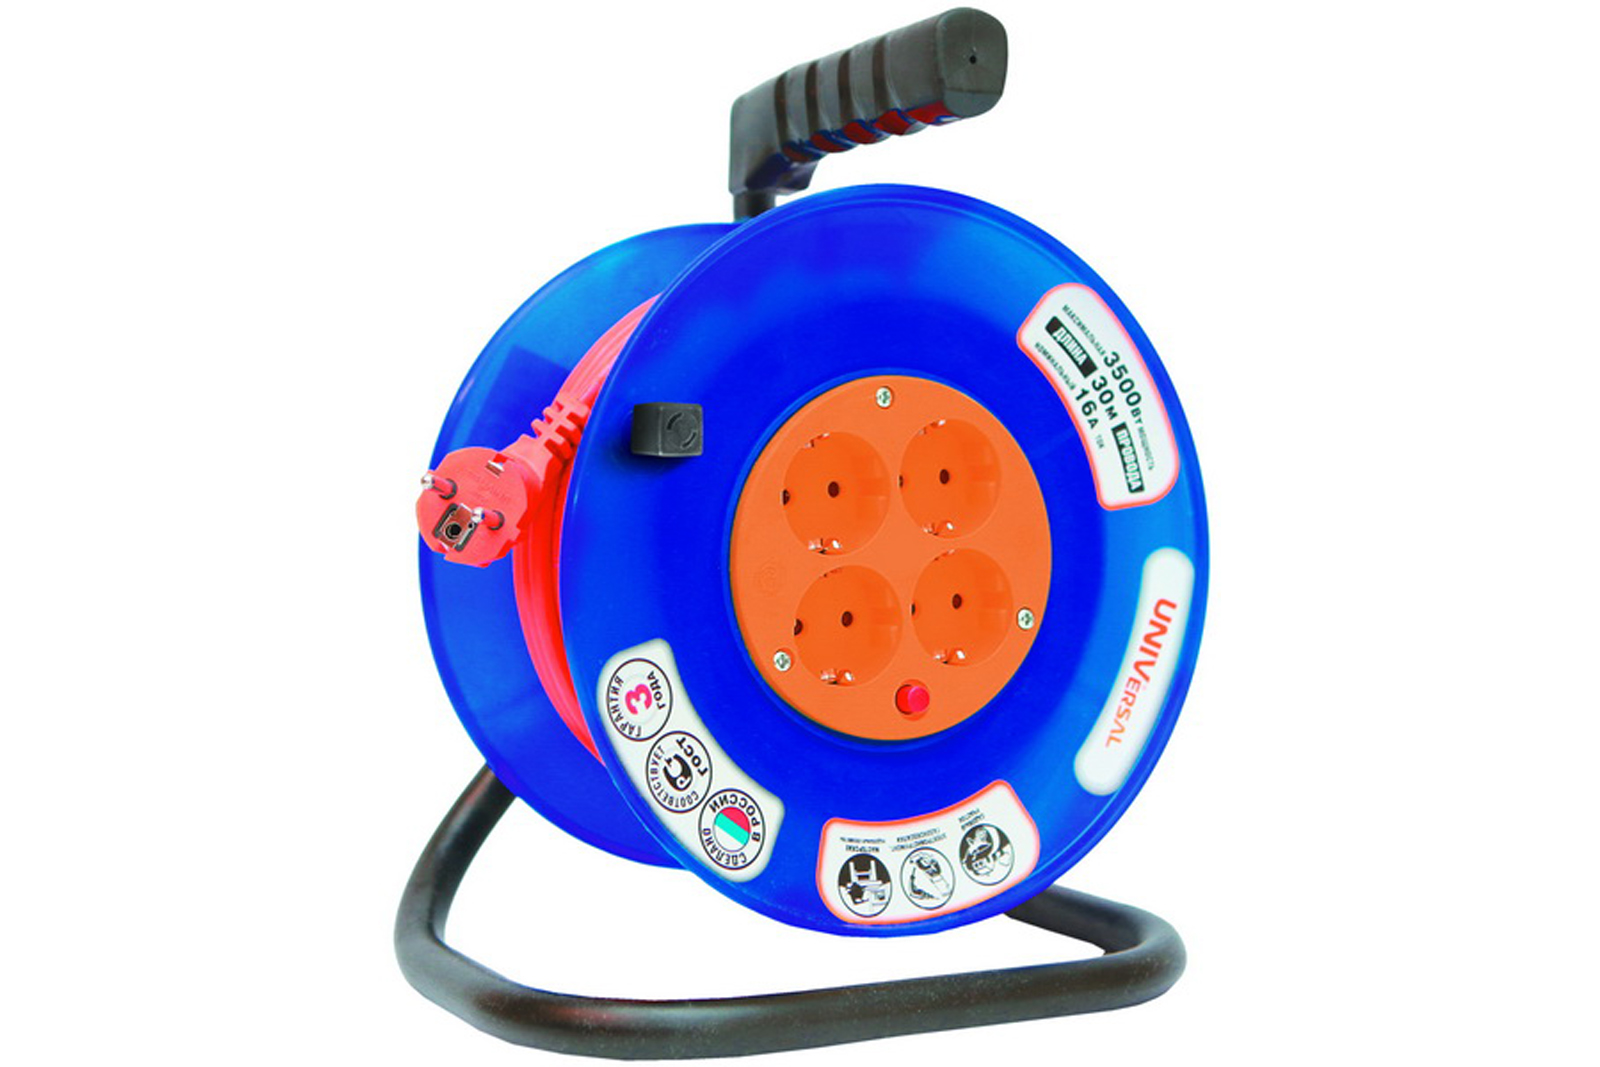 Удлинитель Universal ВЕМ-250 термо ПВС 3*0,75 4гнезда 20м силовой удлинитель universal вем 250 термо пвс 3 0 75 20м 9634151